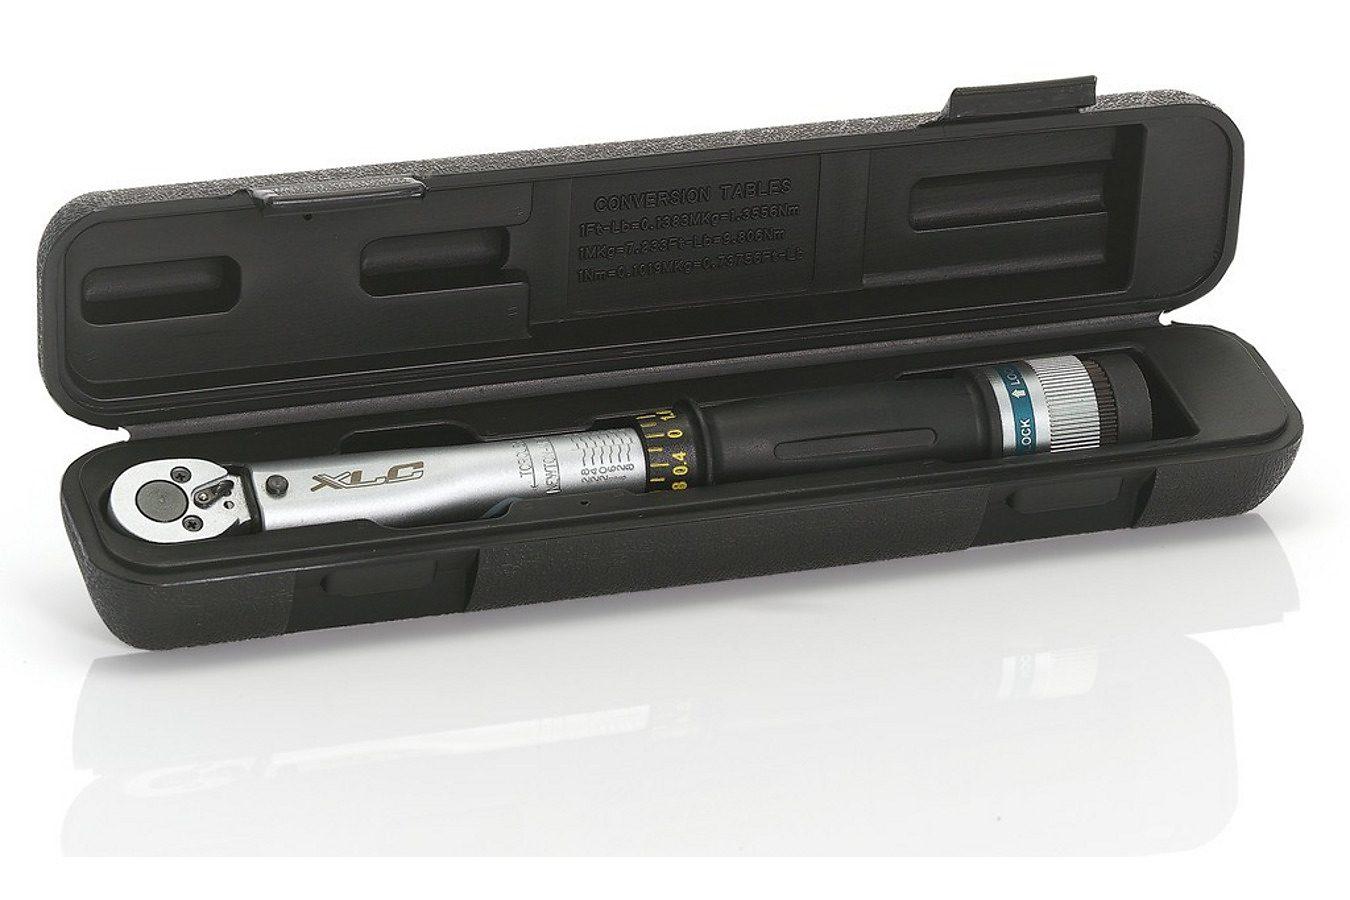 XLC Werkzeug & Montage »TO-S40 Drehmomentschlüssel«